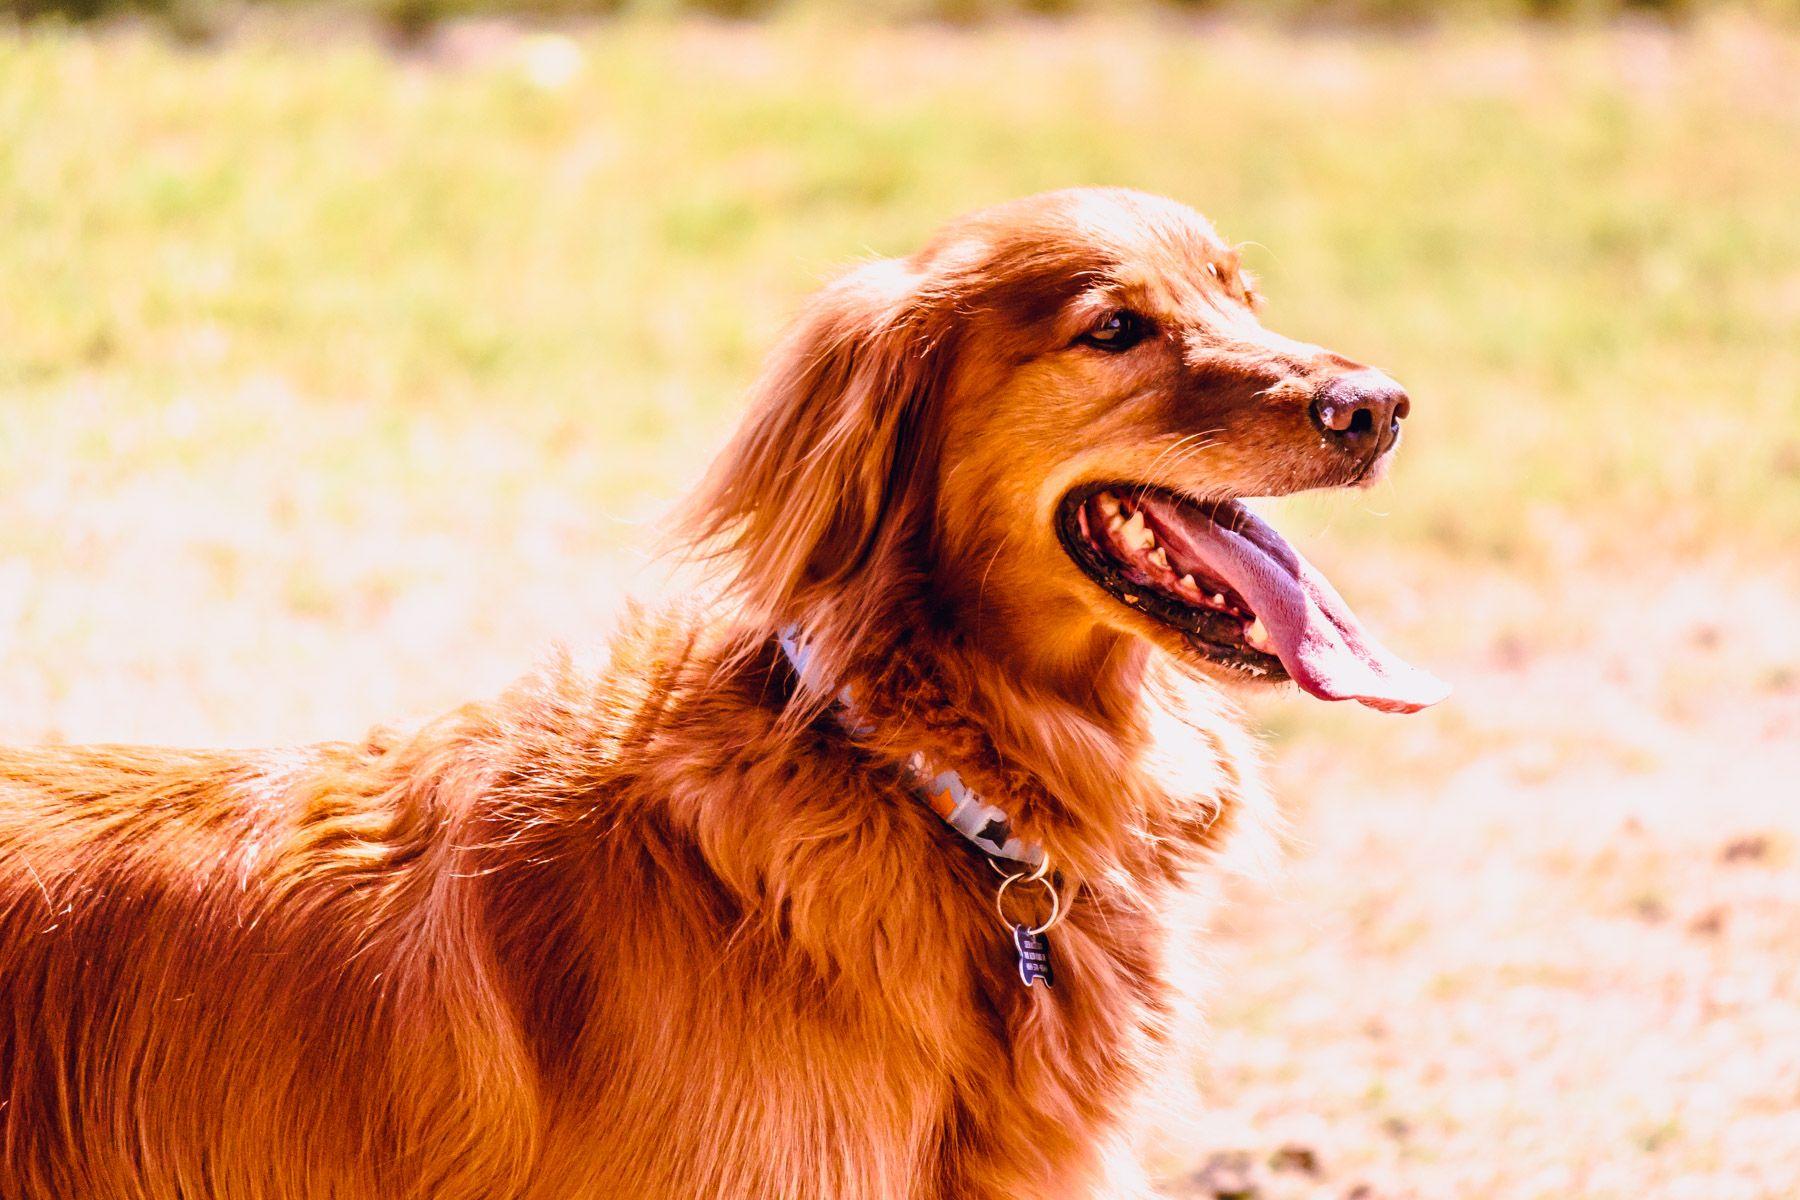 Golden girl golden girl golden retriever dog park